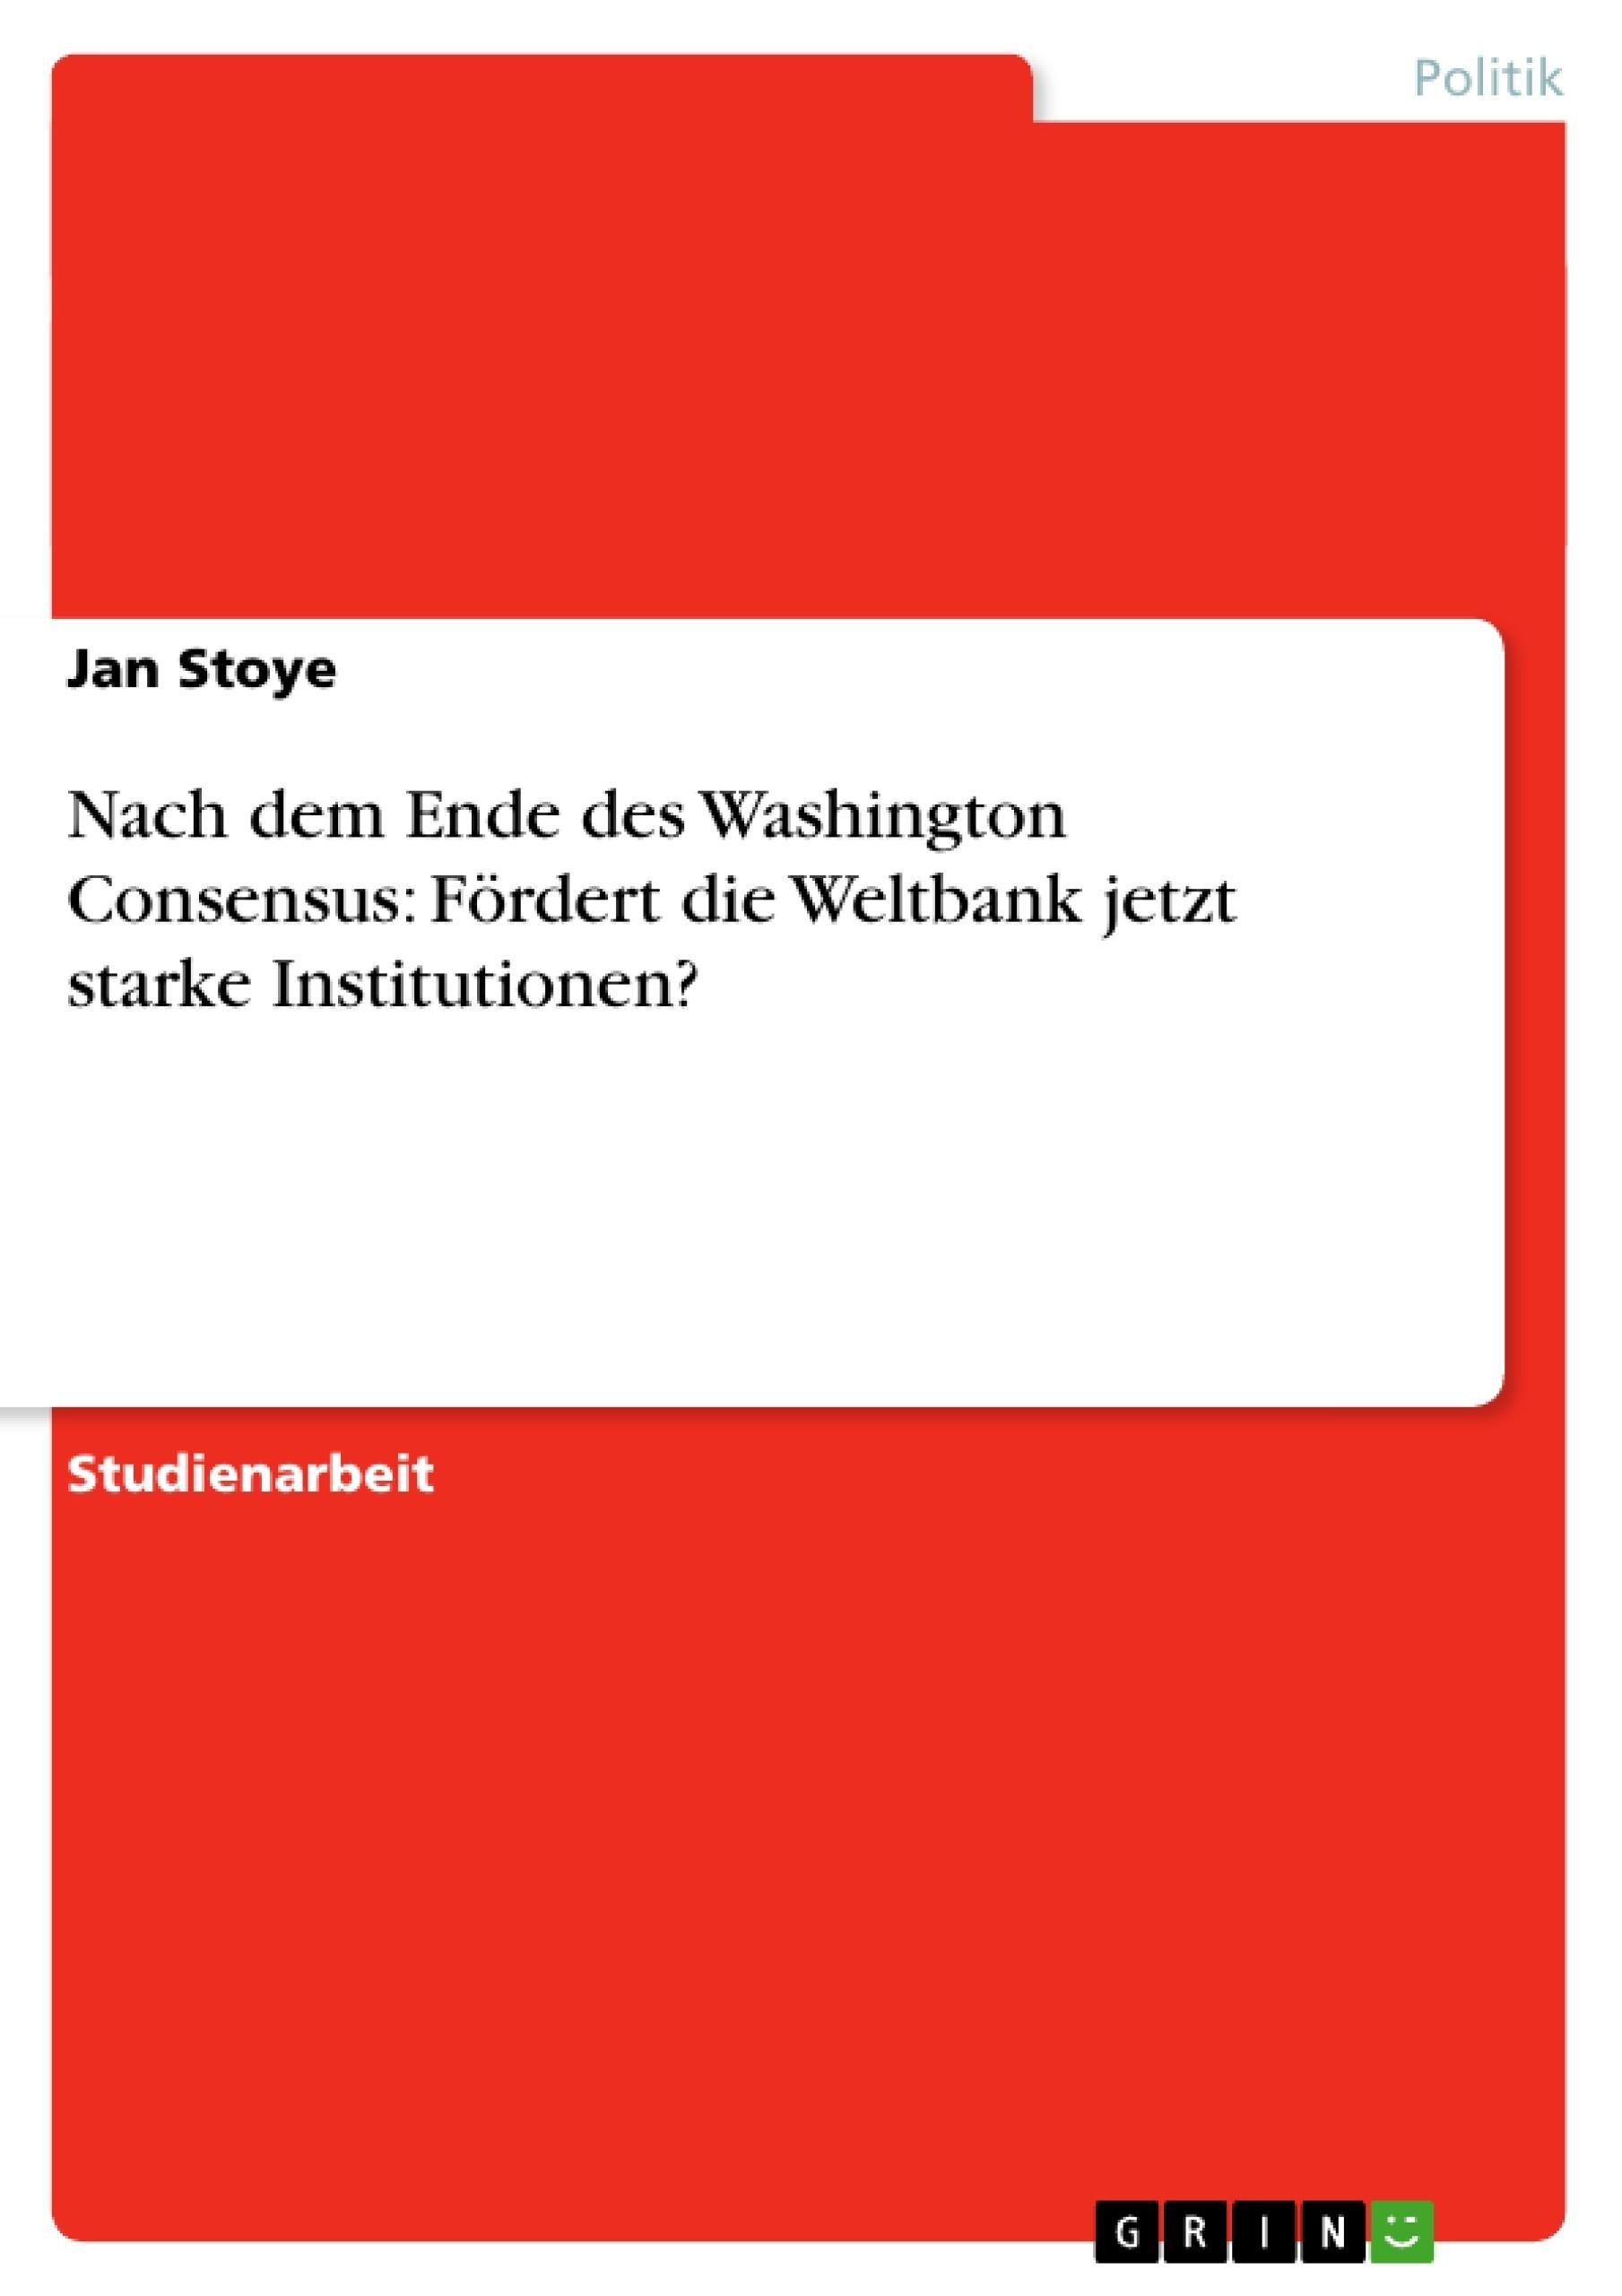 Titel: Nach dem Ende des Washington Consensus: Fördert die Weltbank jetzt starke Institutionen?